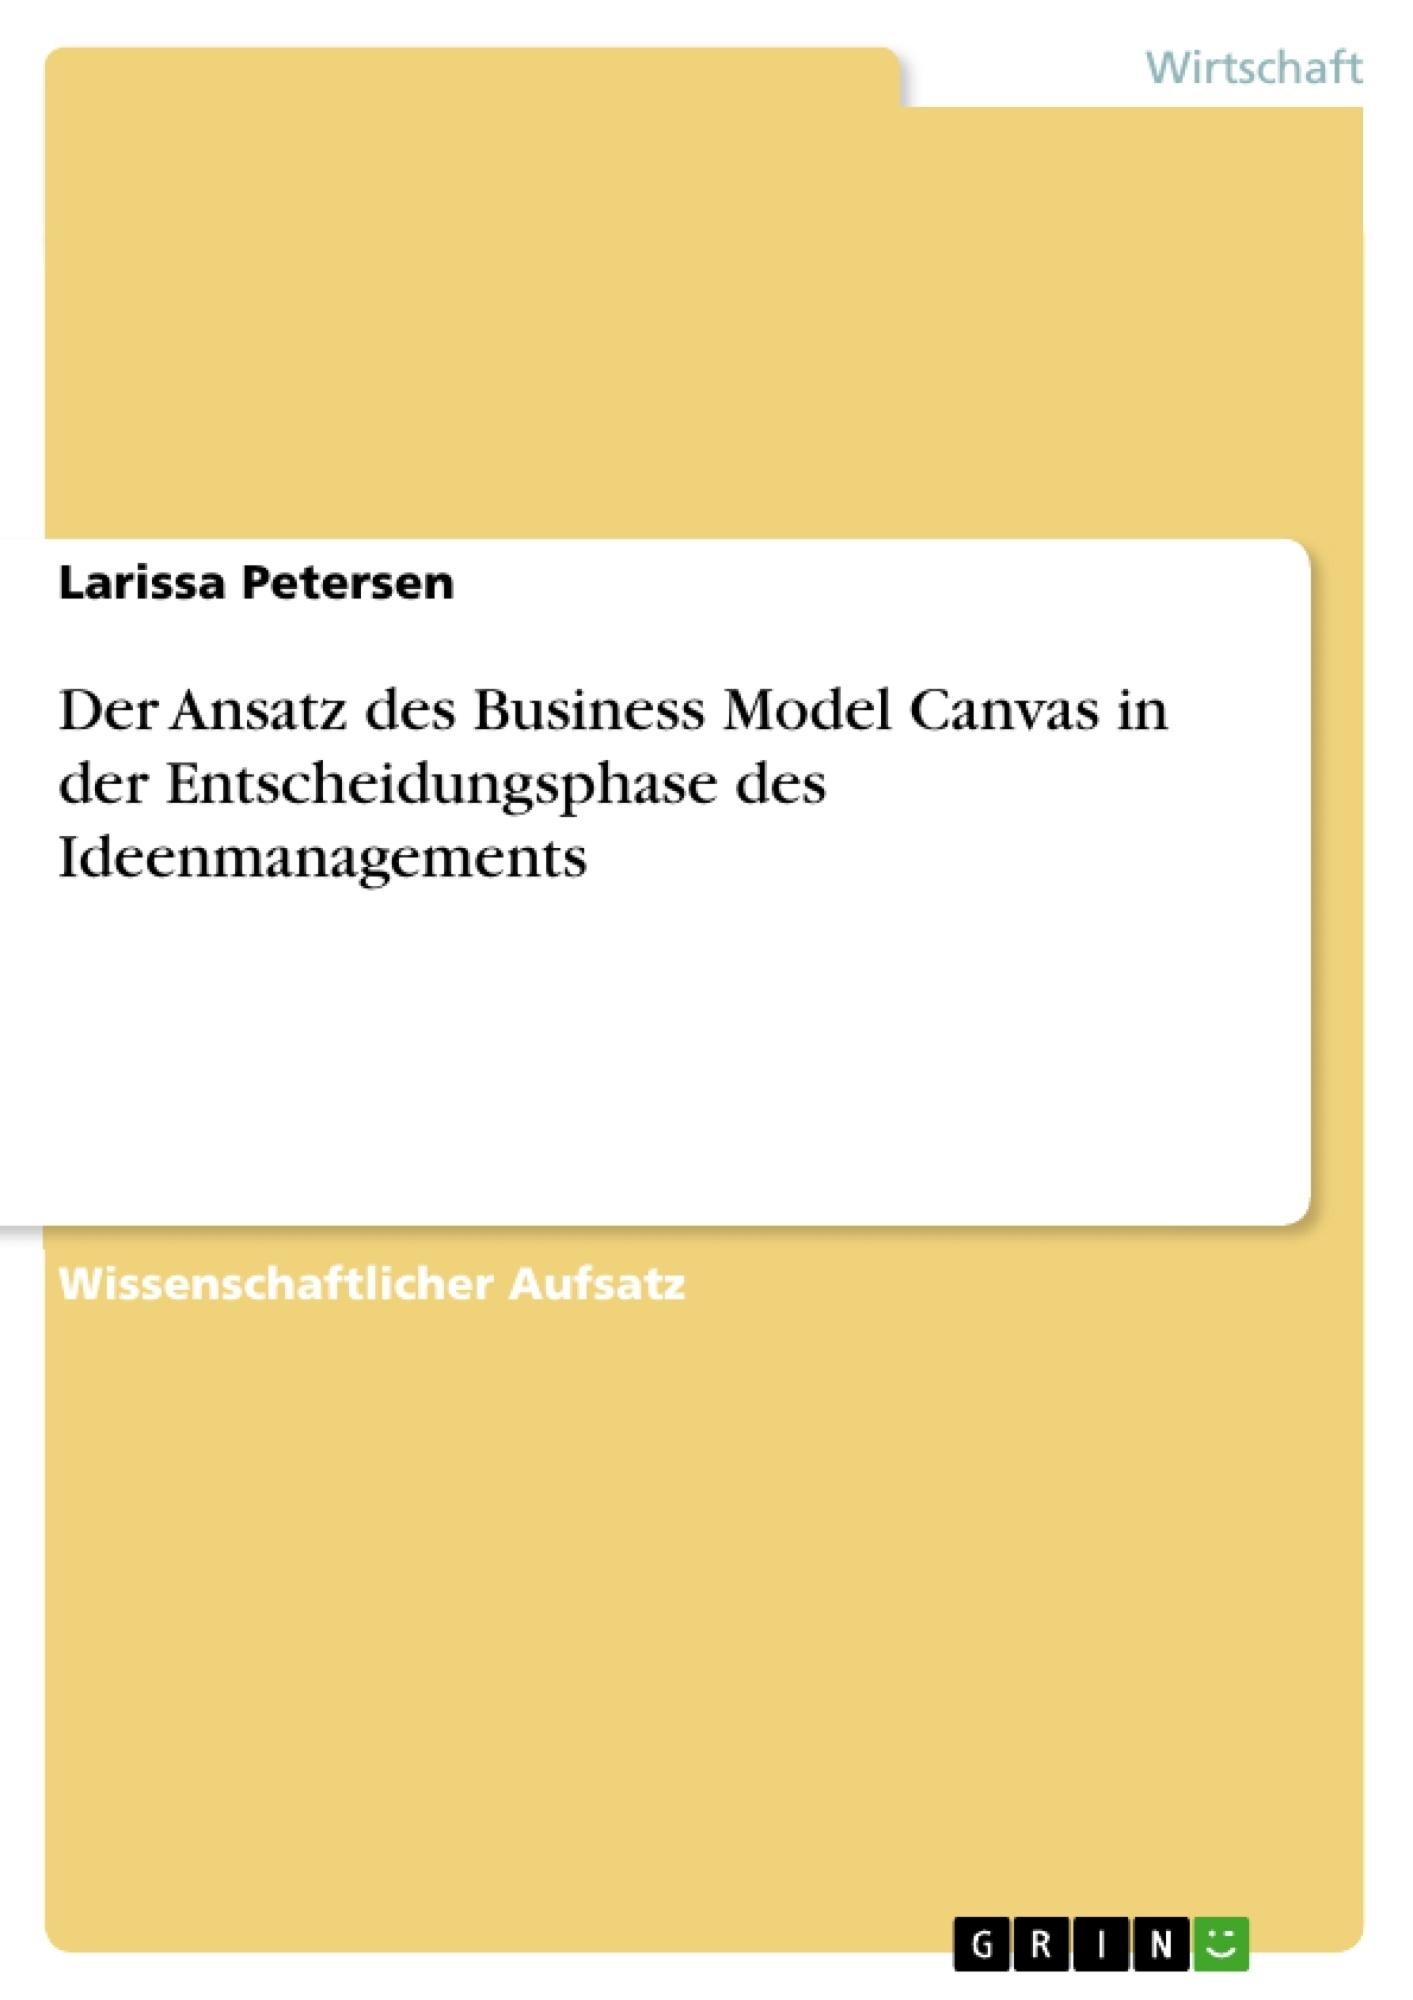 Titel: Der Ansatz des Business Model Canvas in der Entscheidungsphase des Ideenmanagements